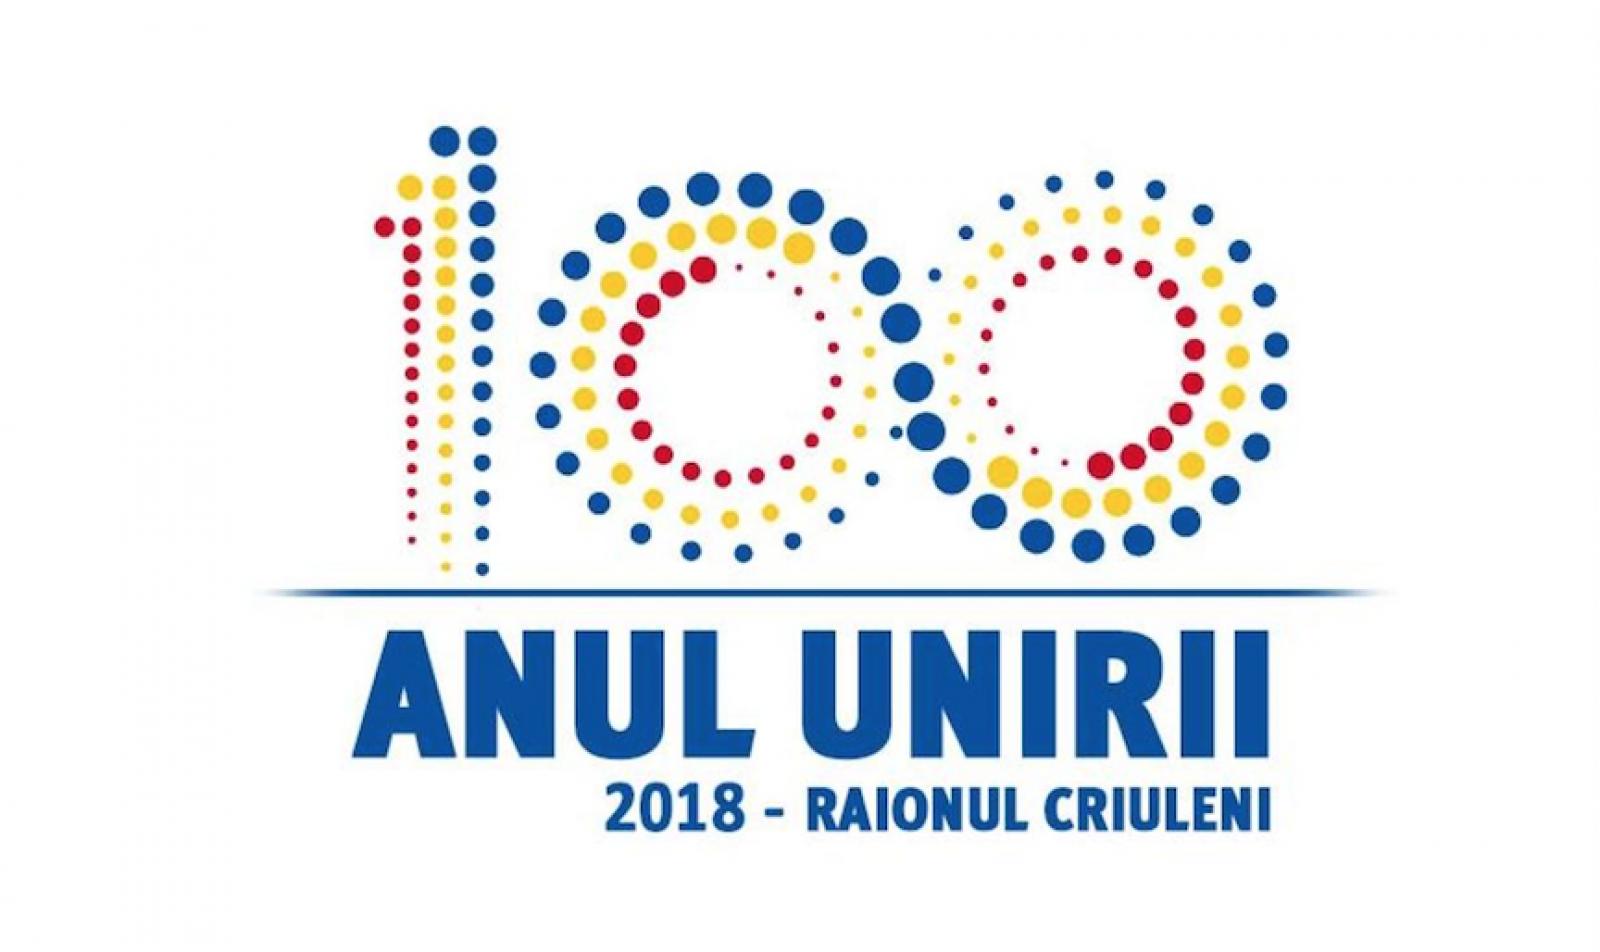 Anul 2018, urmează a fi declarat Anul Unirii la Criuleni, după un demers al consilierului raional Ionel Pușcaș